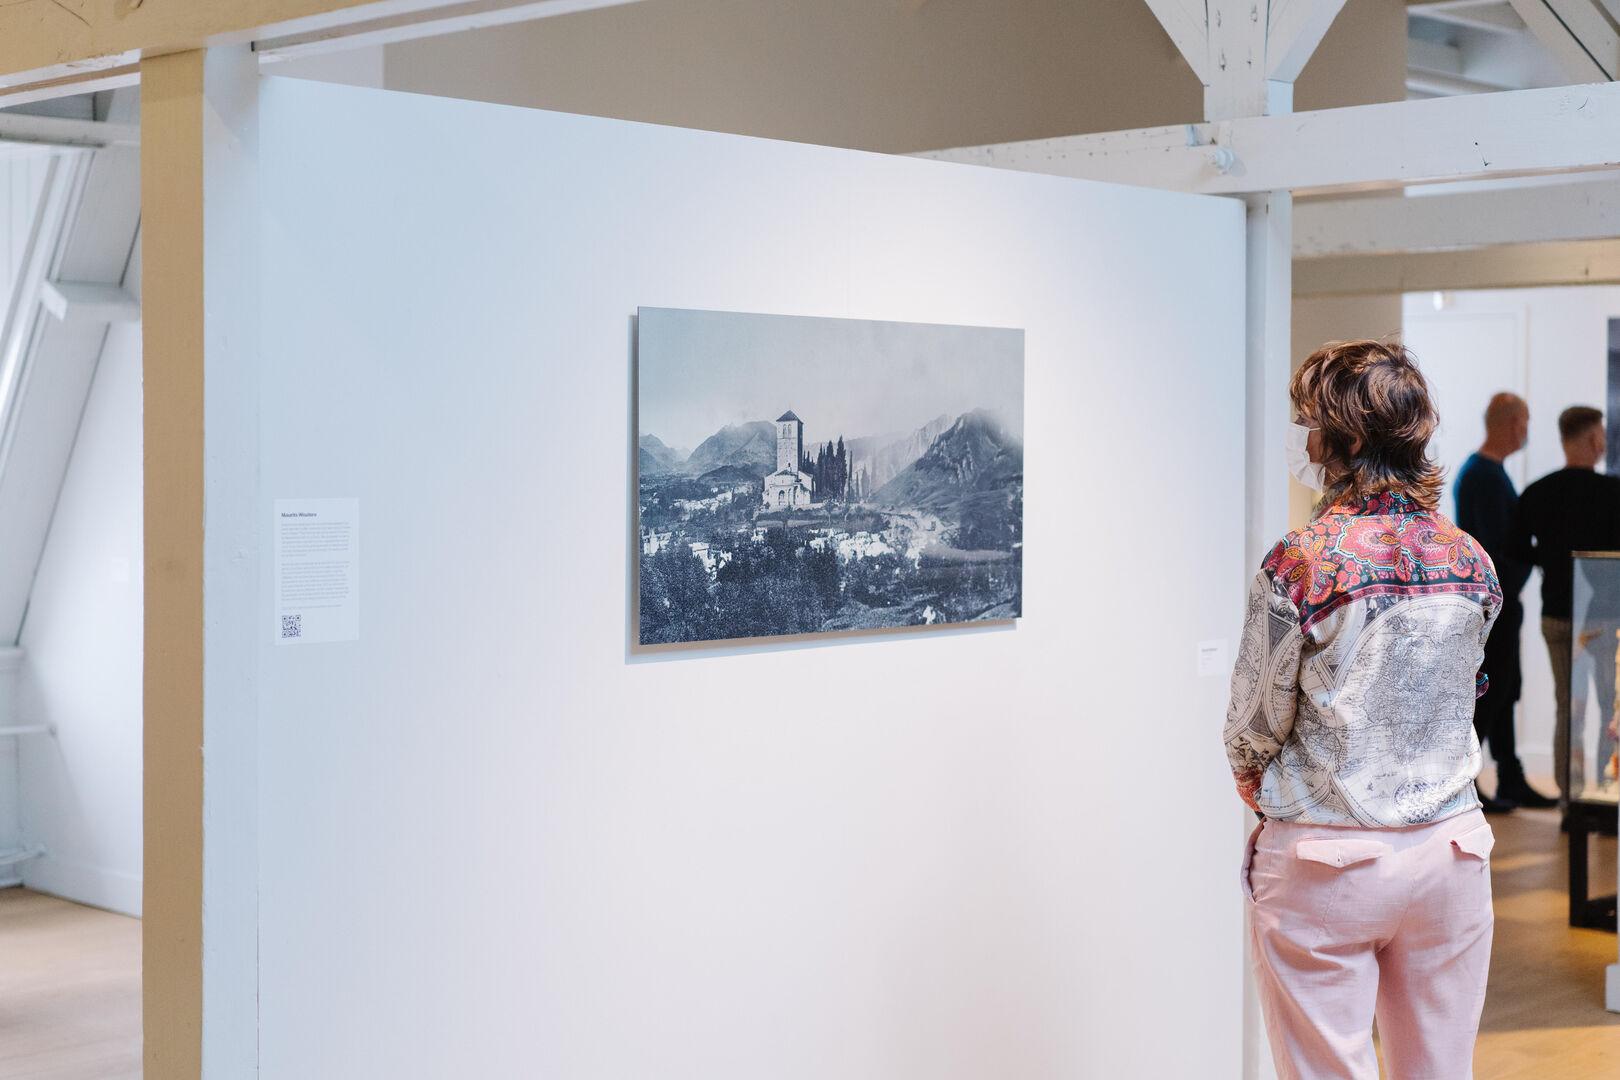 Museum Jan Cunen_opening_3oktober2020_Fotograaf_Almicheal_Fraay-59